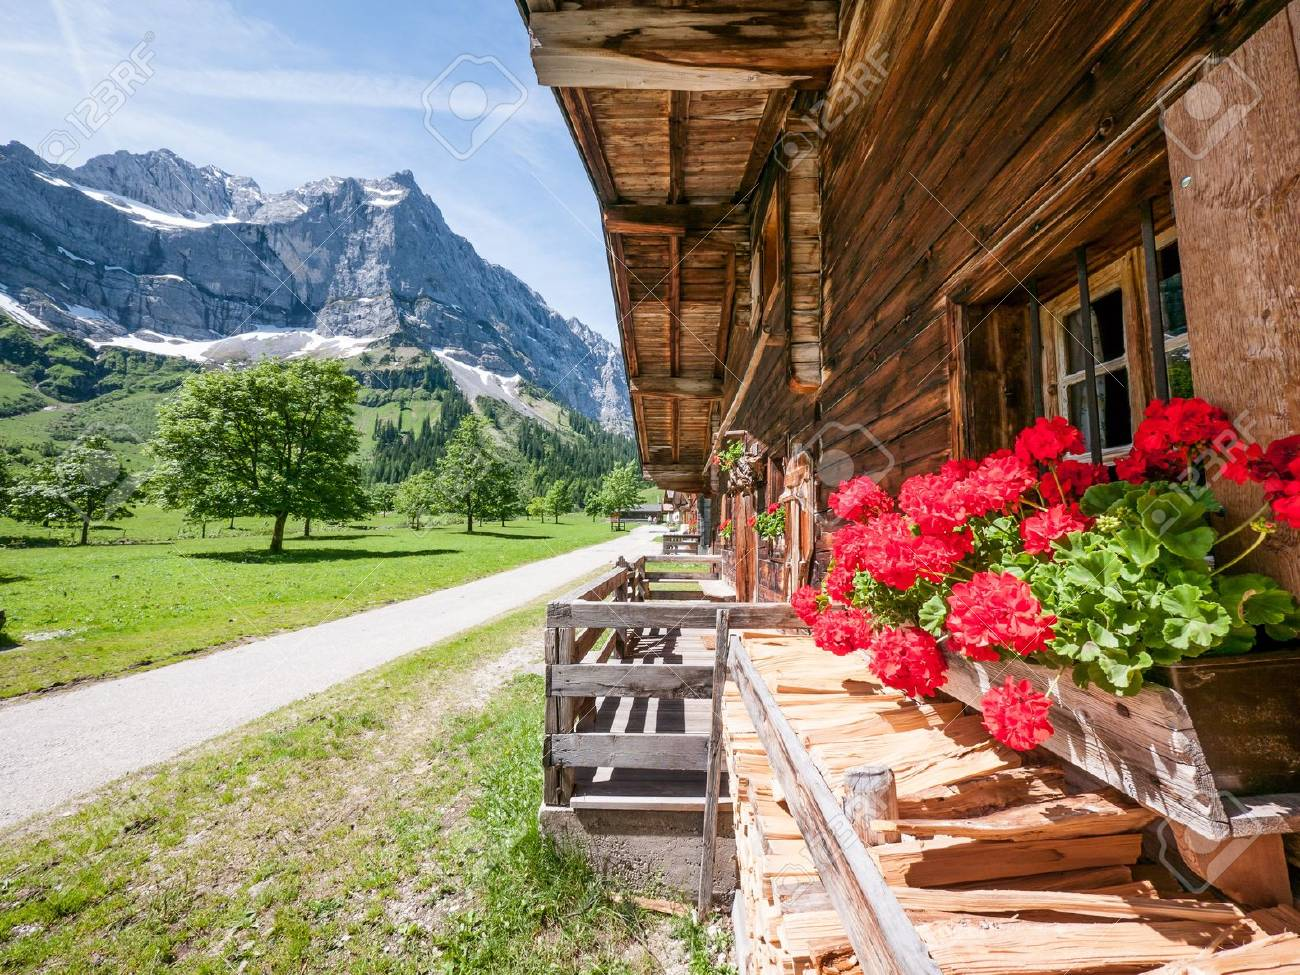 old farmhouse at the karwendel mountain - austria - 18714144